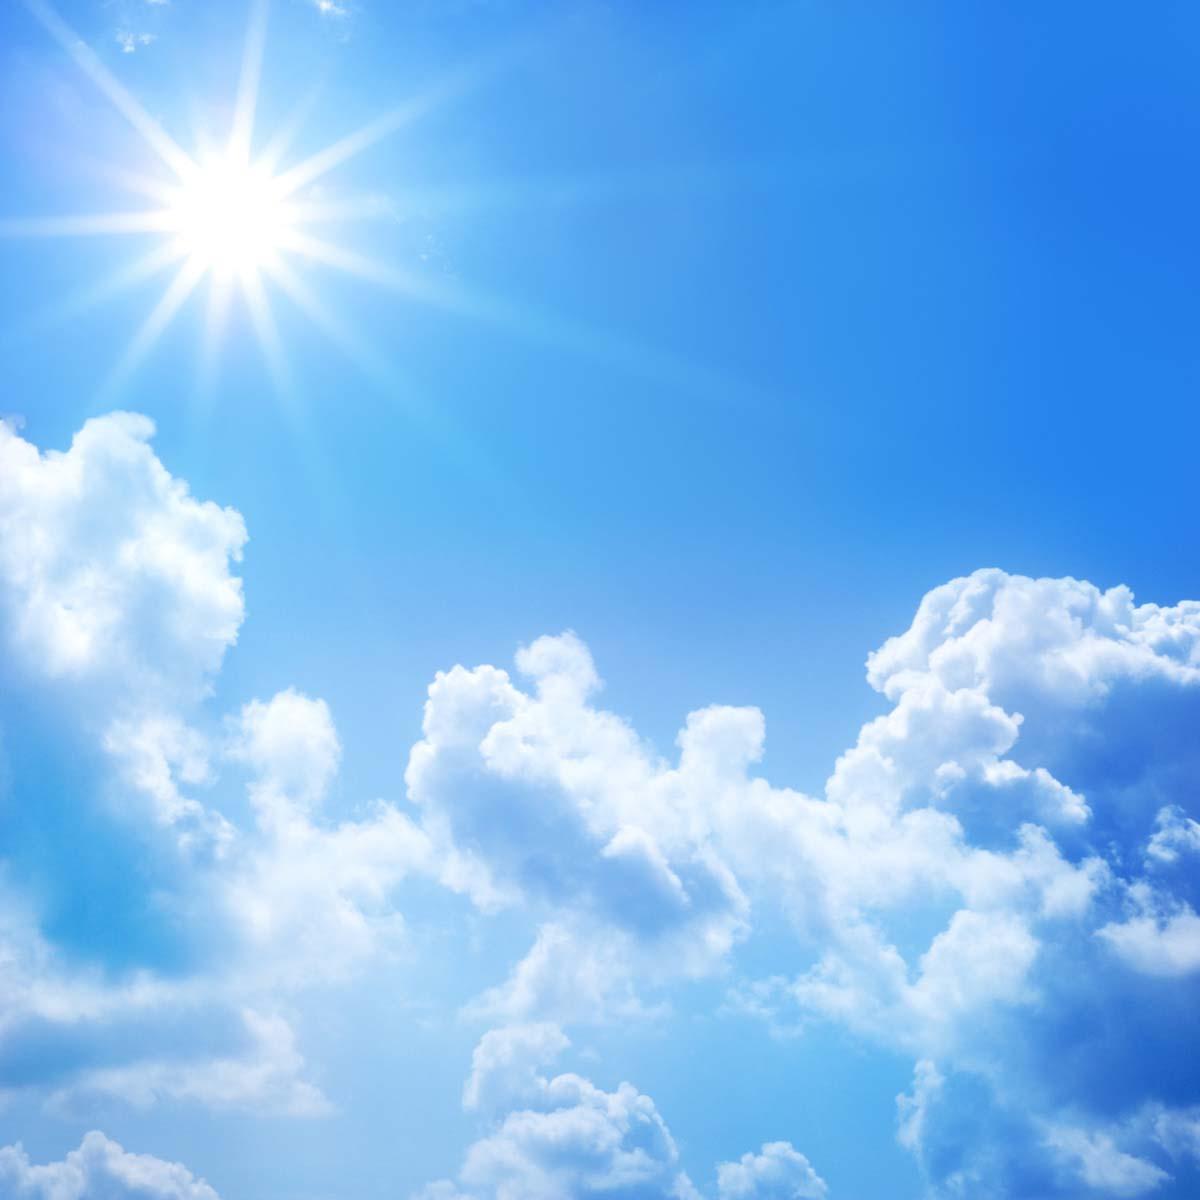 Hình ảnh trời năng trong xanh đẹp nhất